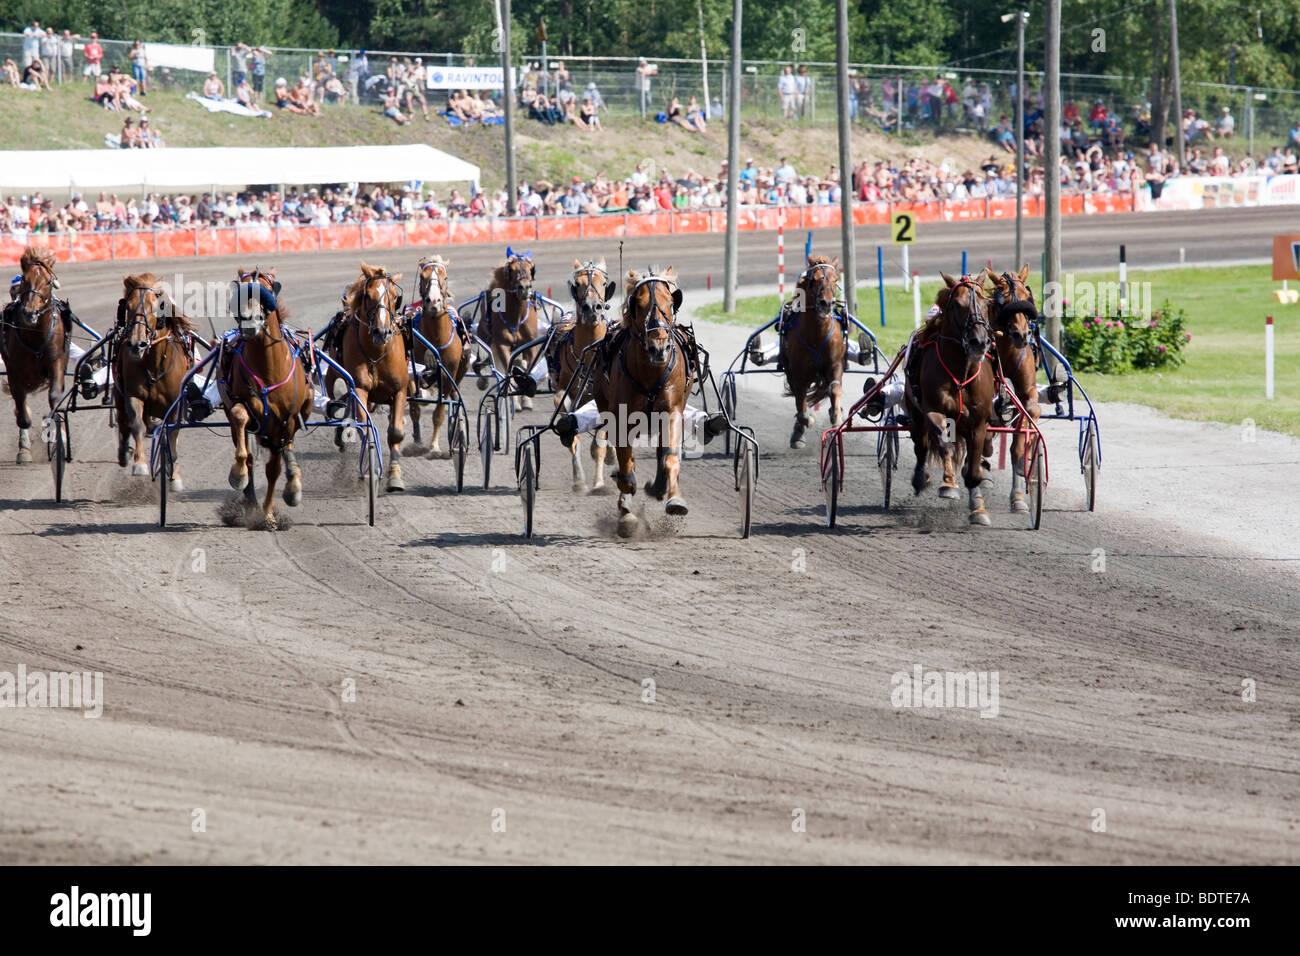 Carrera de trote Finlandia Lappeenranta Imagen De Stock